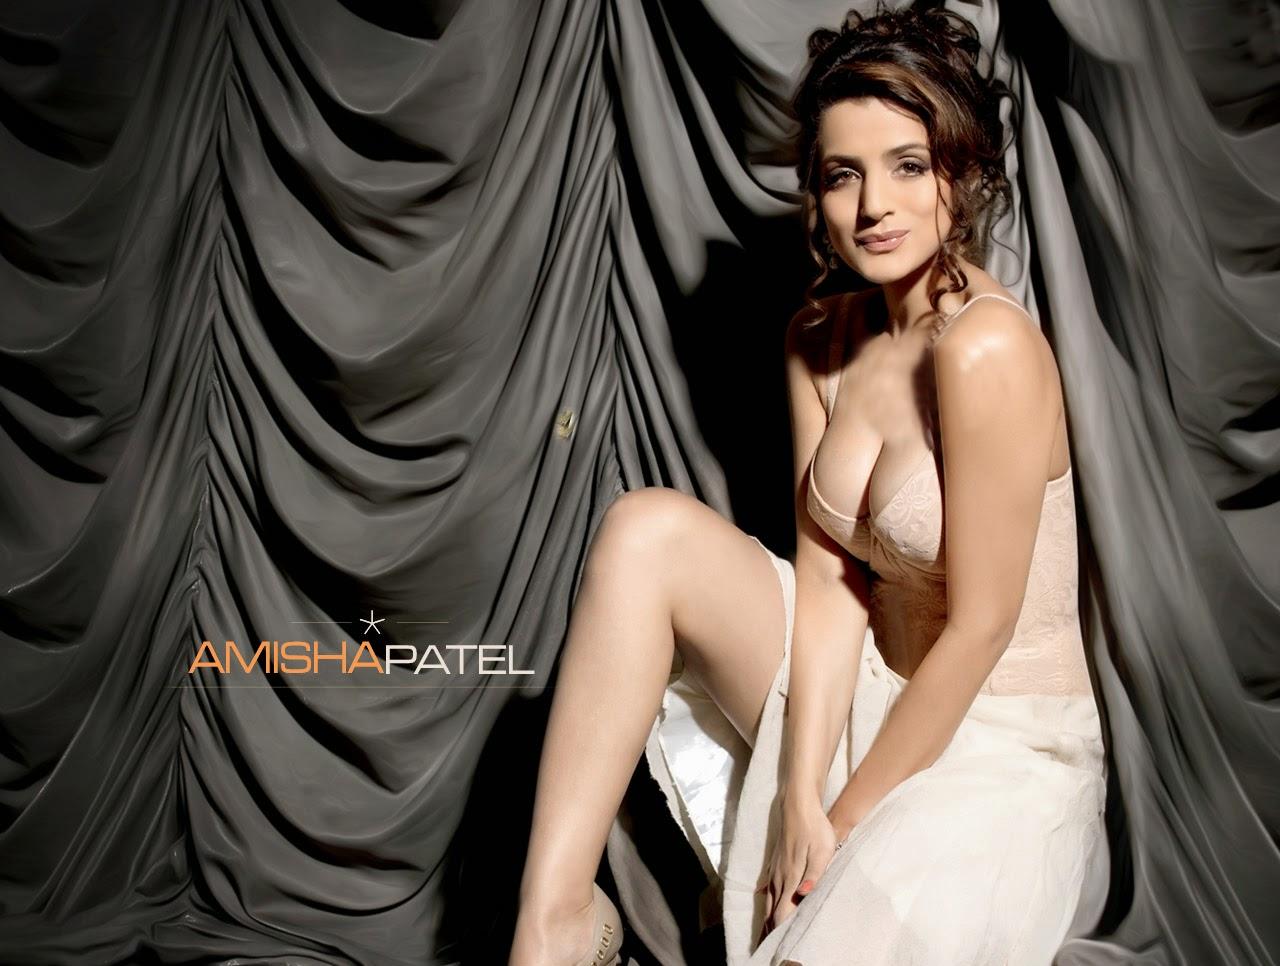 Maria ozawa anal uncensored